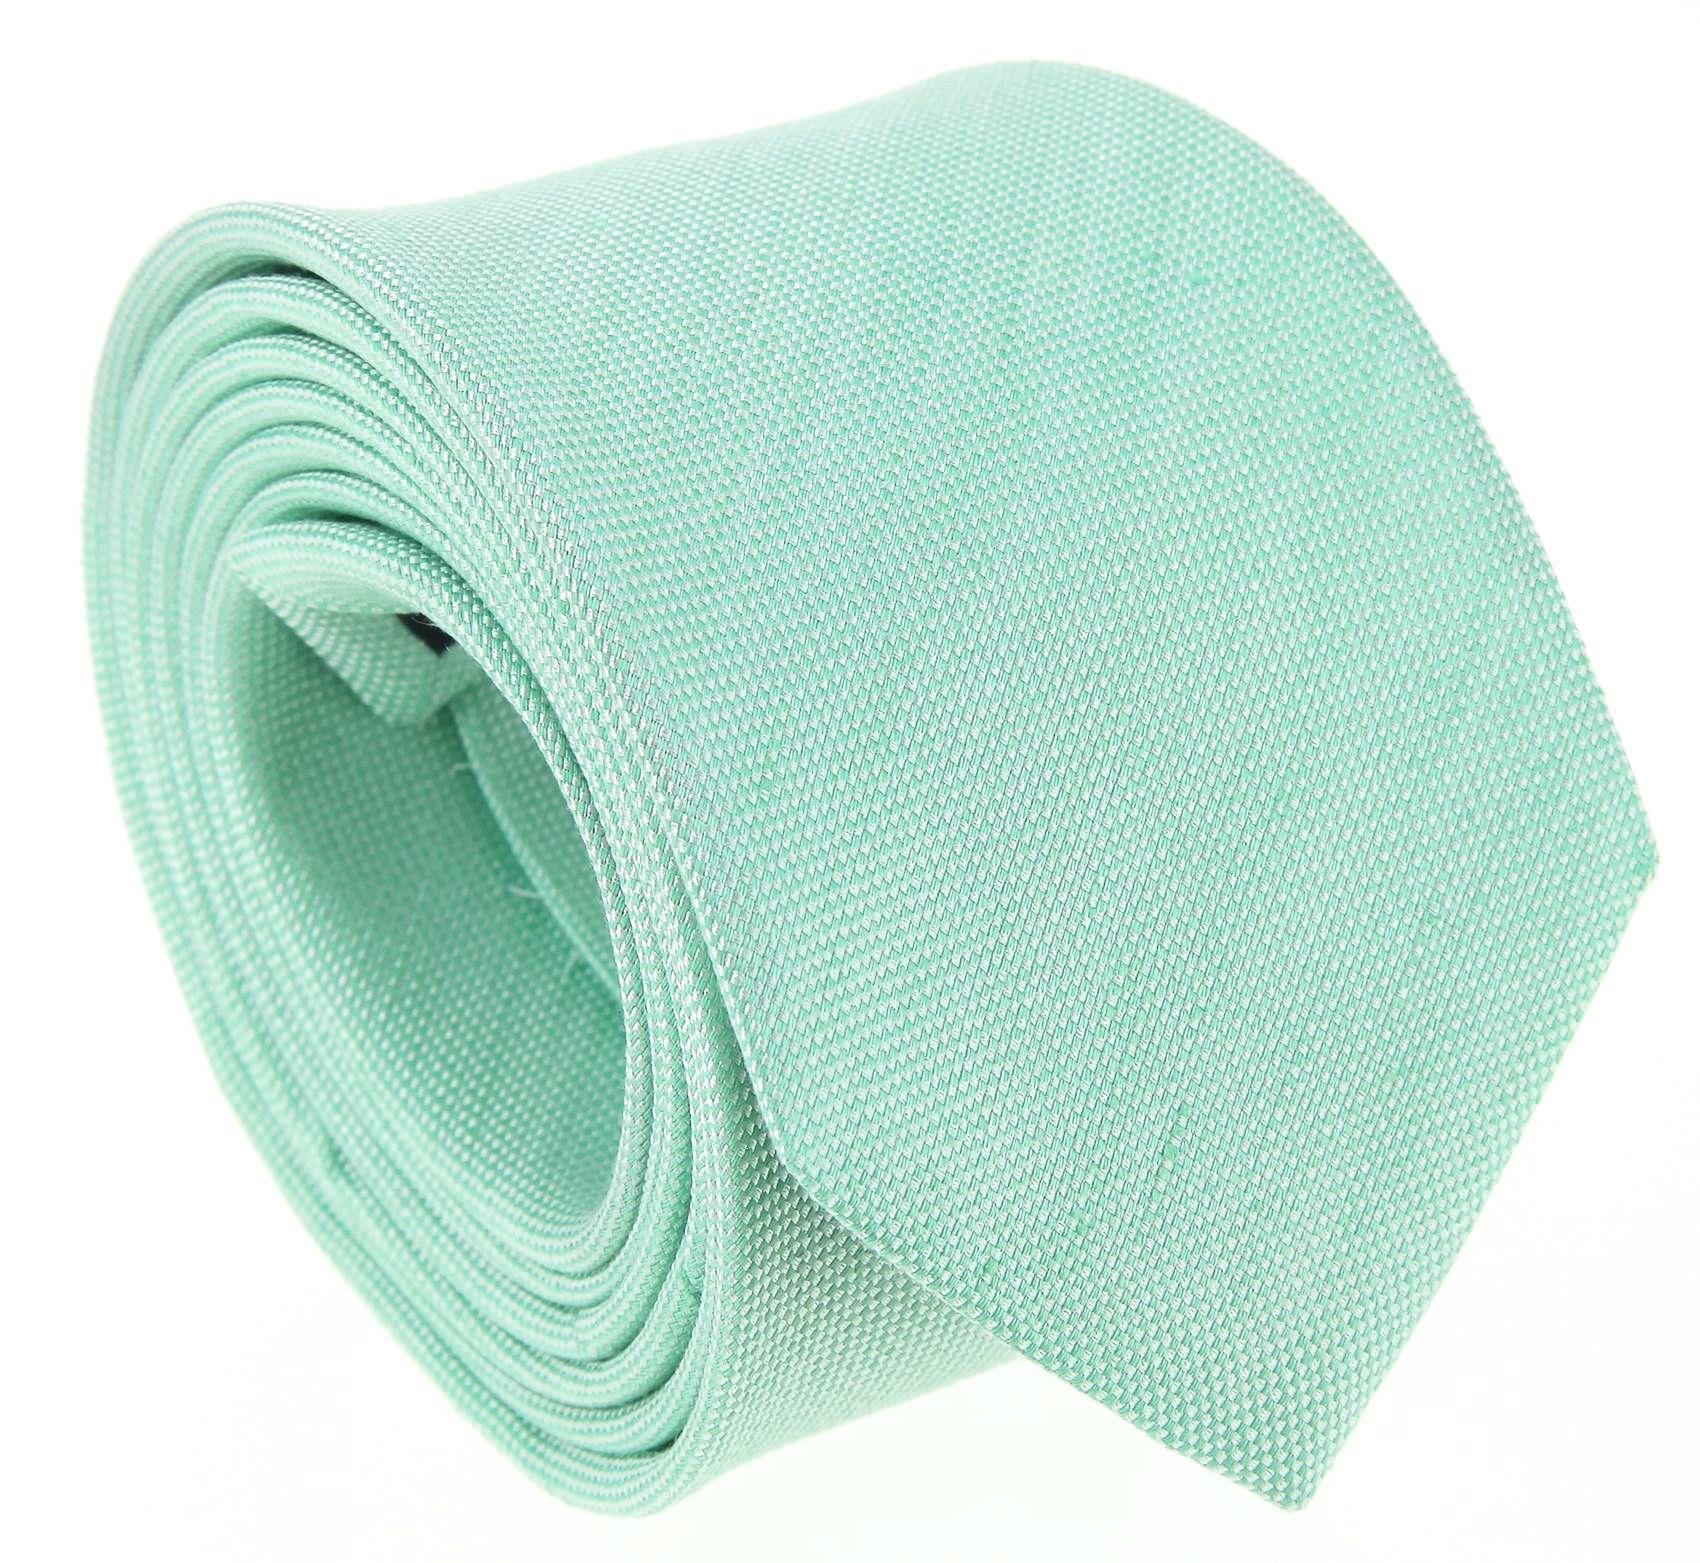 gamme de couleurs exceptionnelle sur des coups de pieds de la vente de chaussures Cravate vert d'eau en soie et lin nattés - Bergame   déco ...